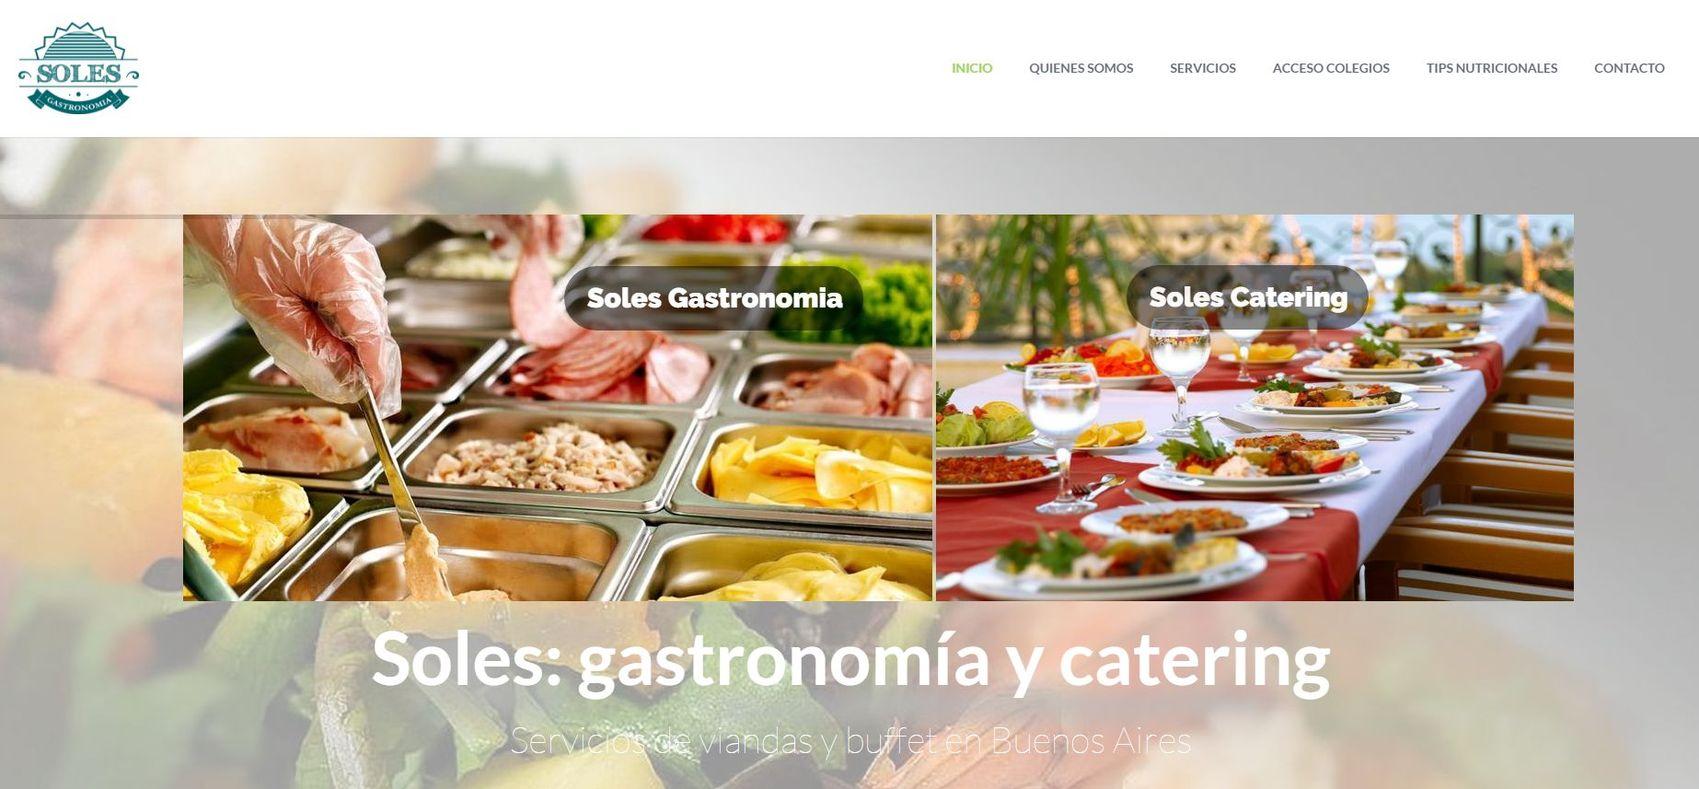 soles-gastronomia-servicio-de-catering-gastronomiasoles_com_ar